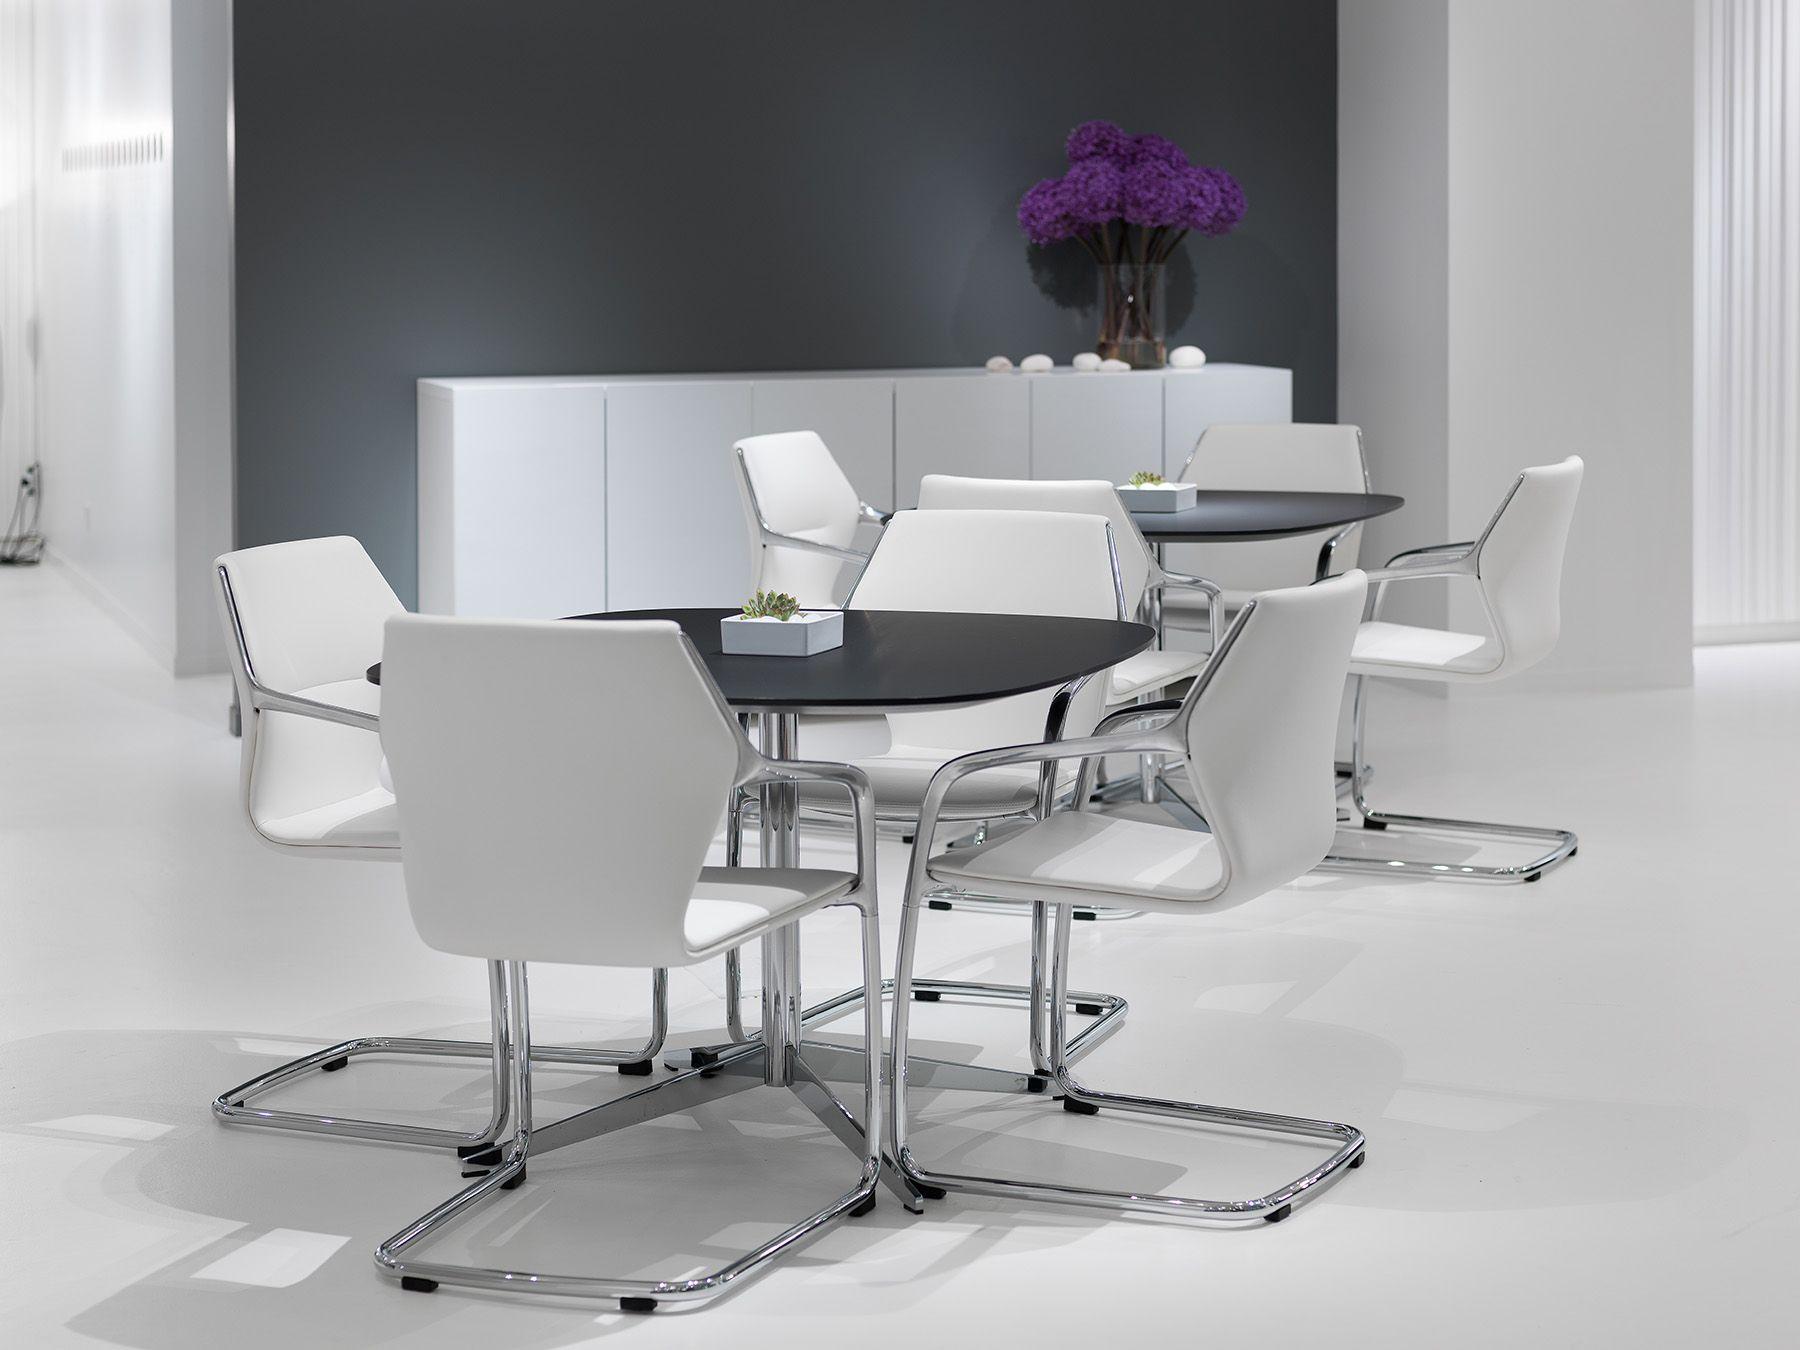 Zen Chairs From Davis Furniture #NeoCon2016